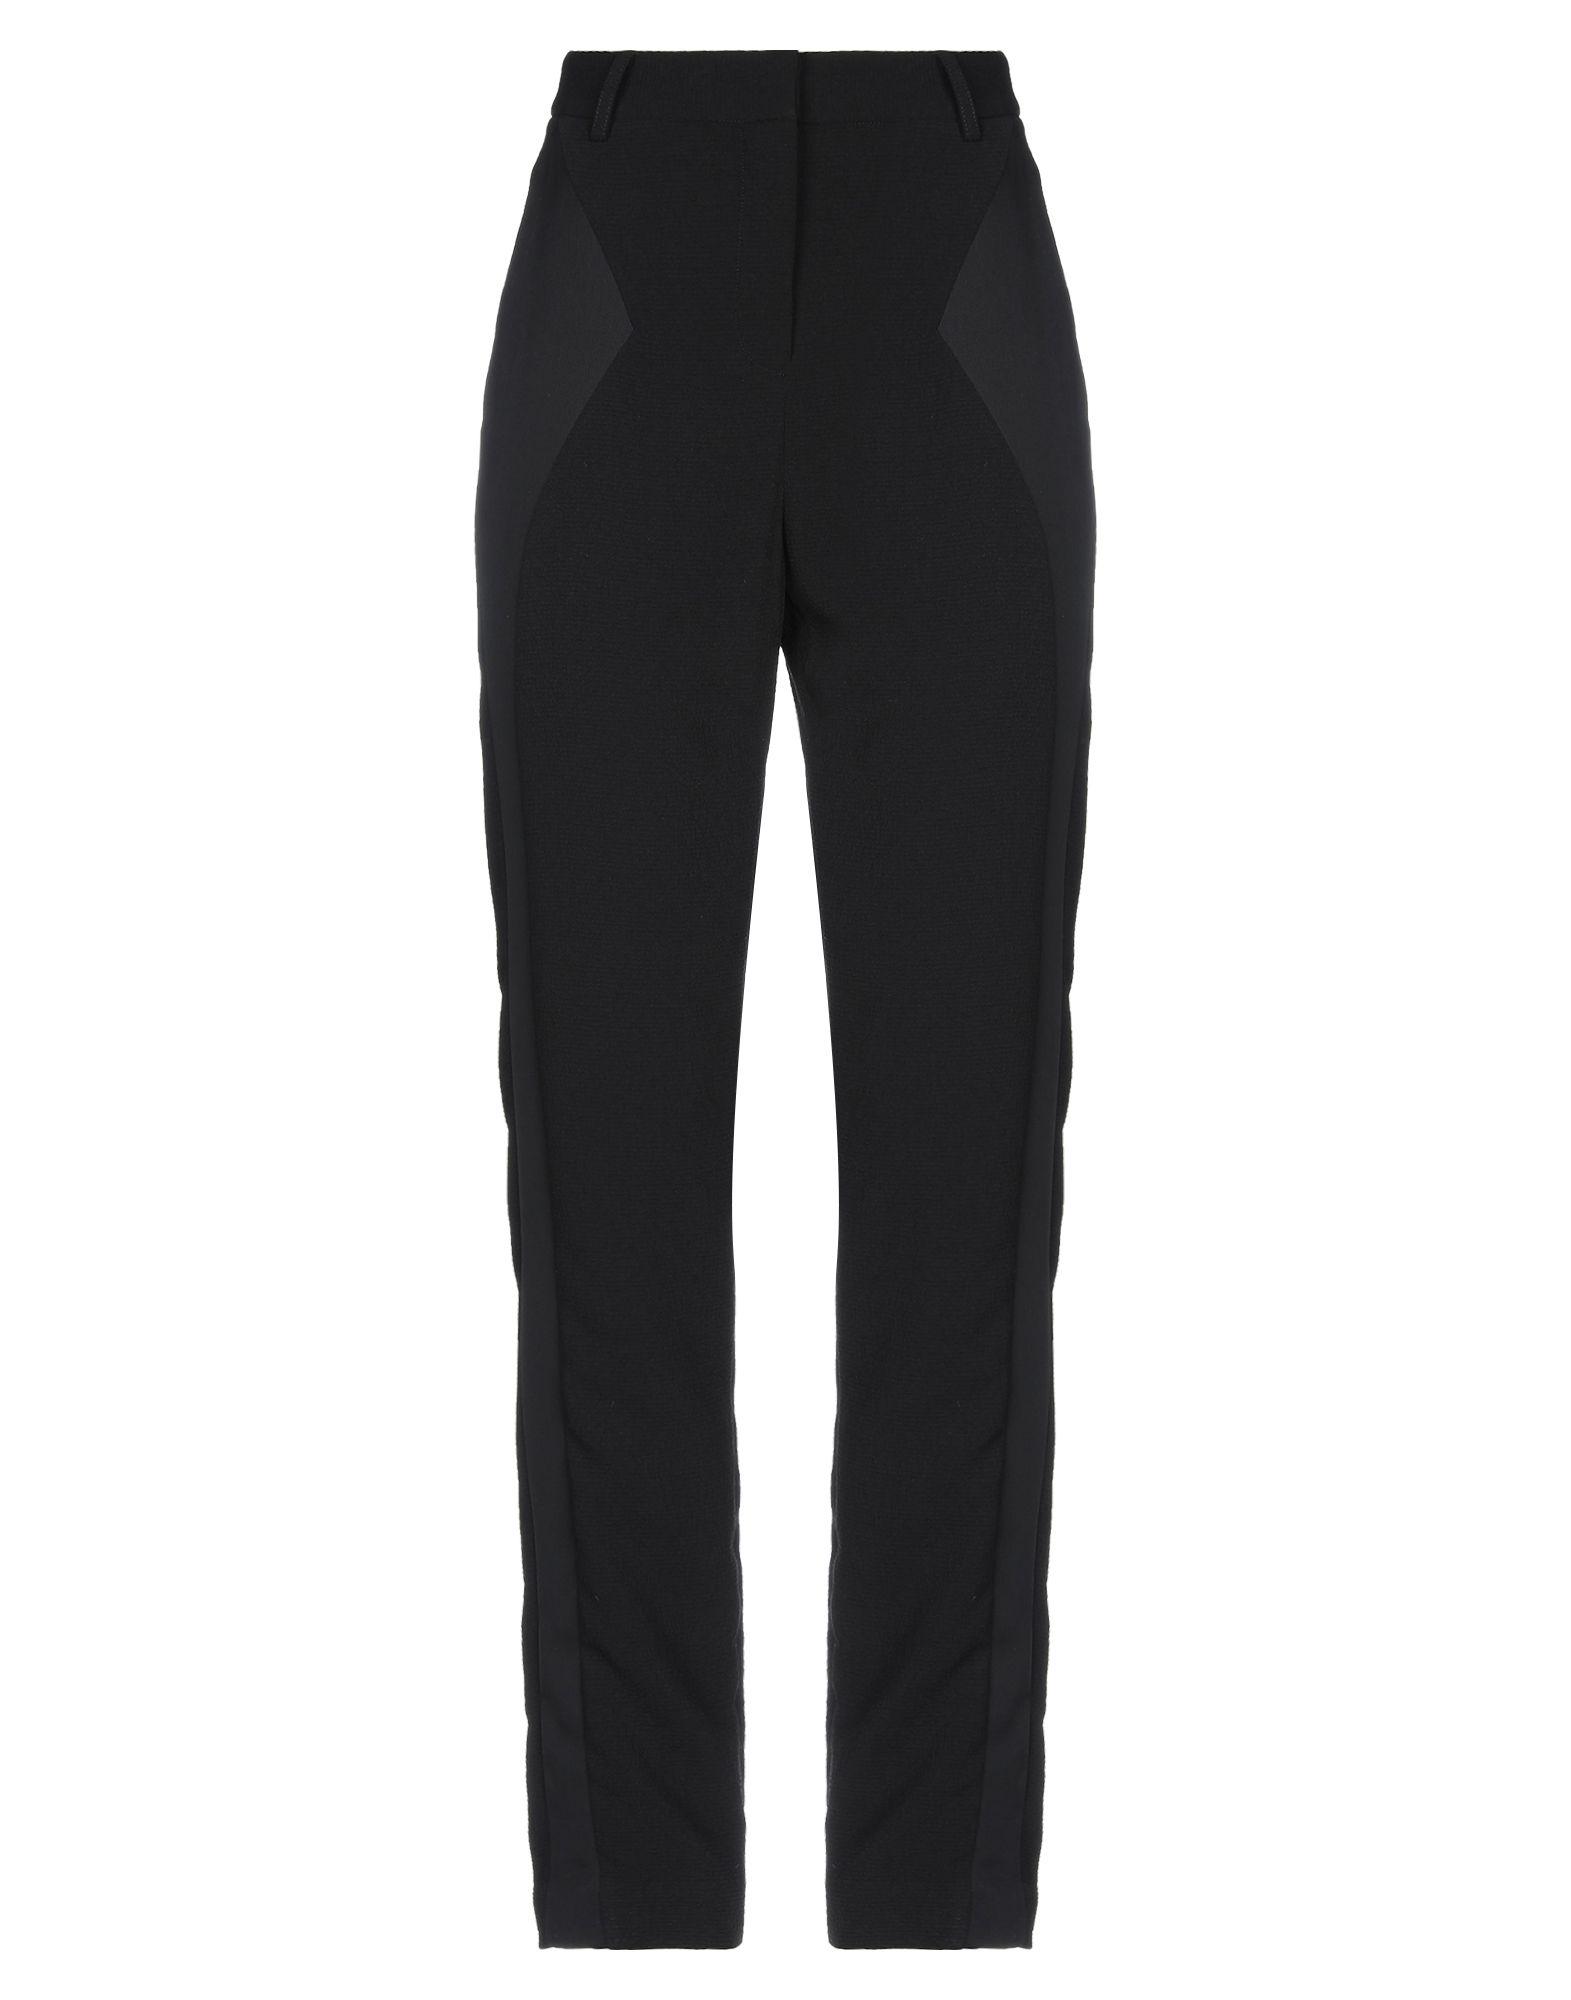 REBECCA VALLANCE Повседневные брюки ruibi ka marc rebecca тонкий брюки карандаш пригородный костюм брюки тонкие брюки 72012k темно серый код m